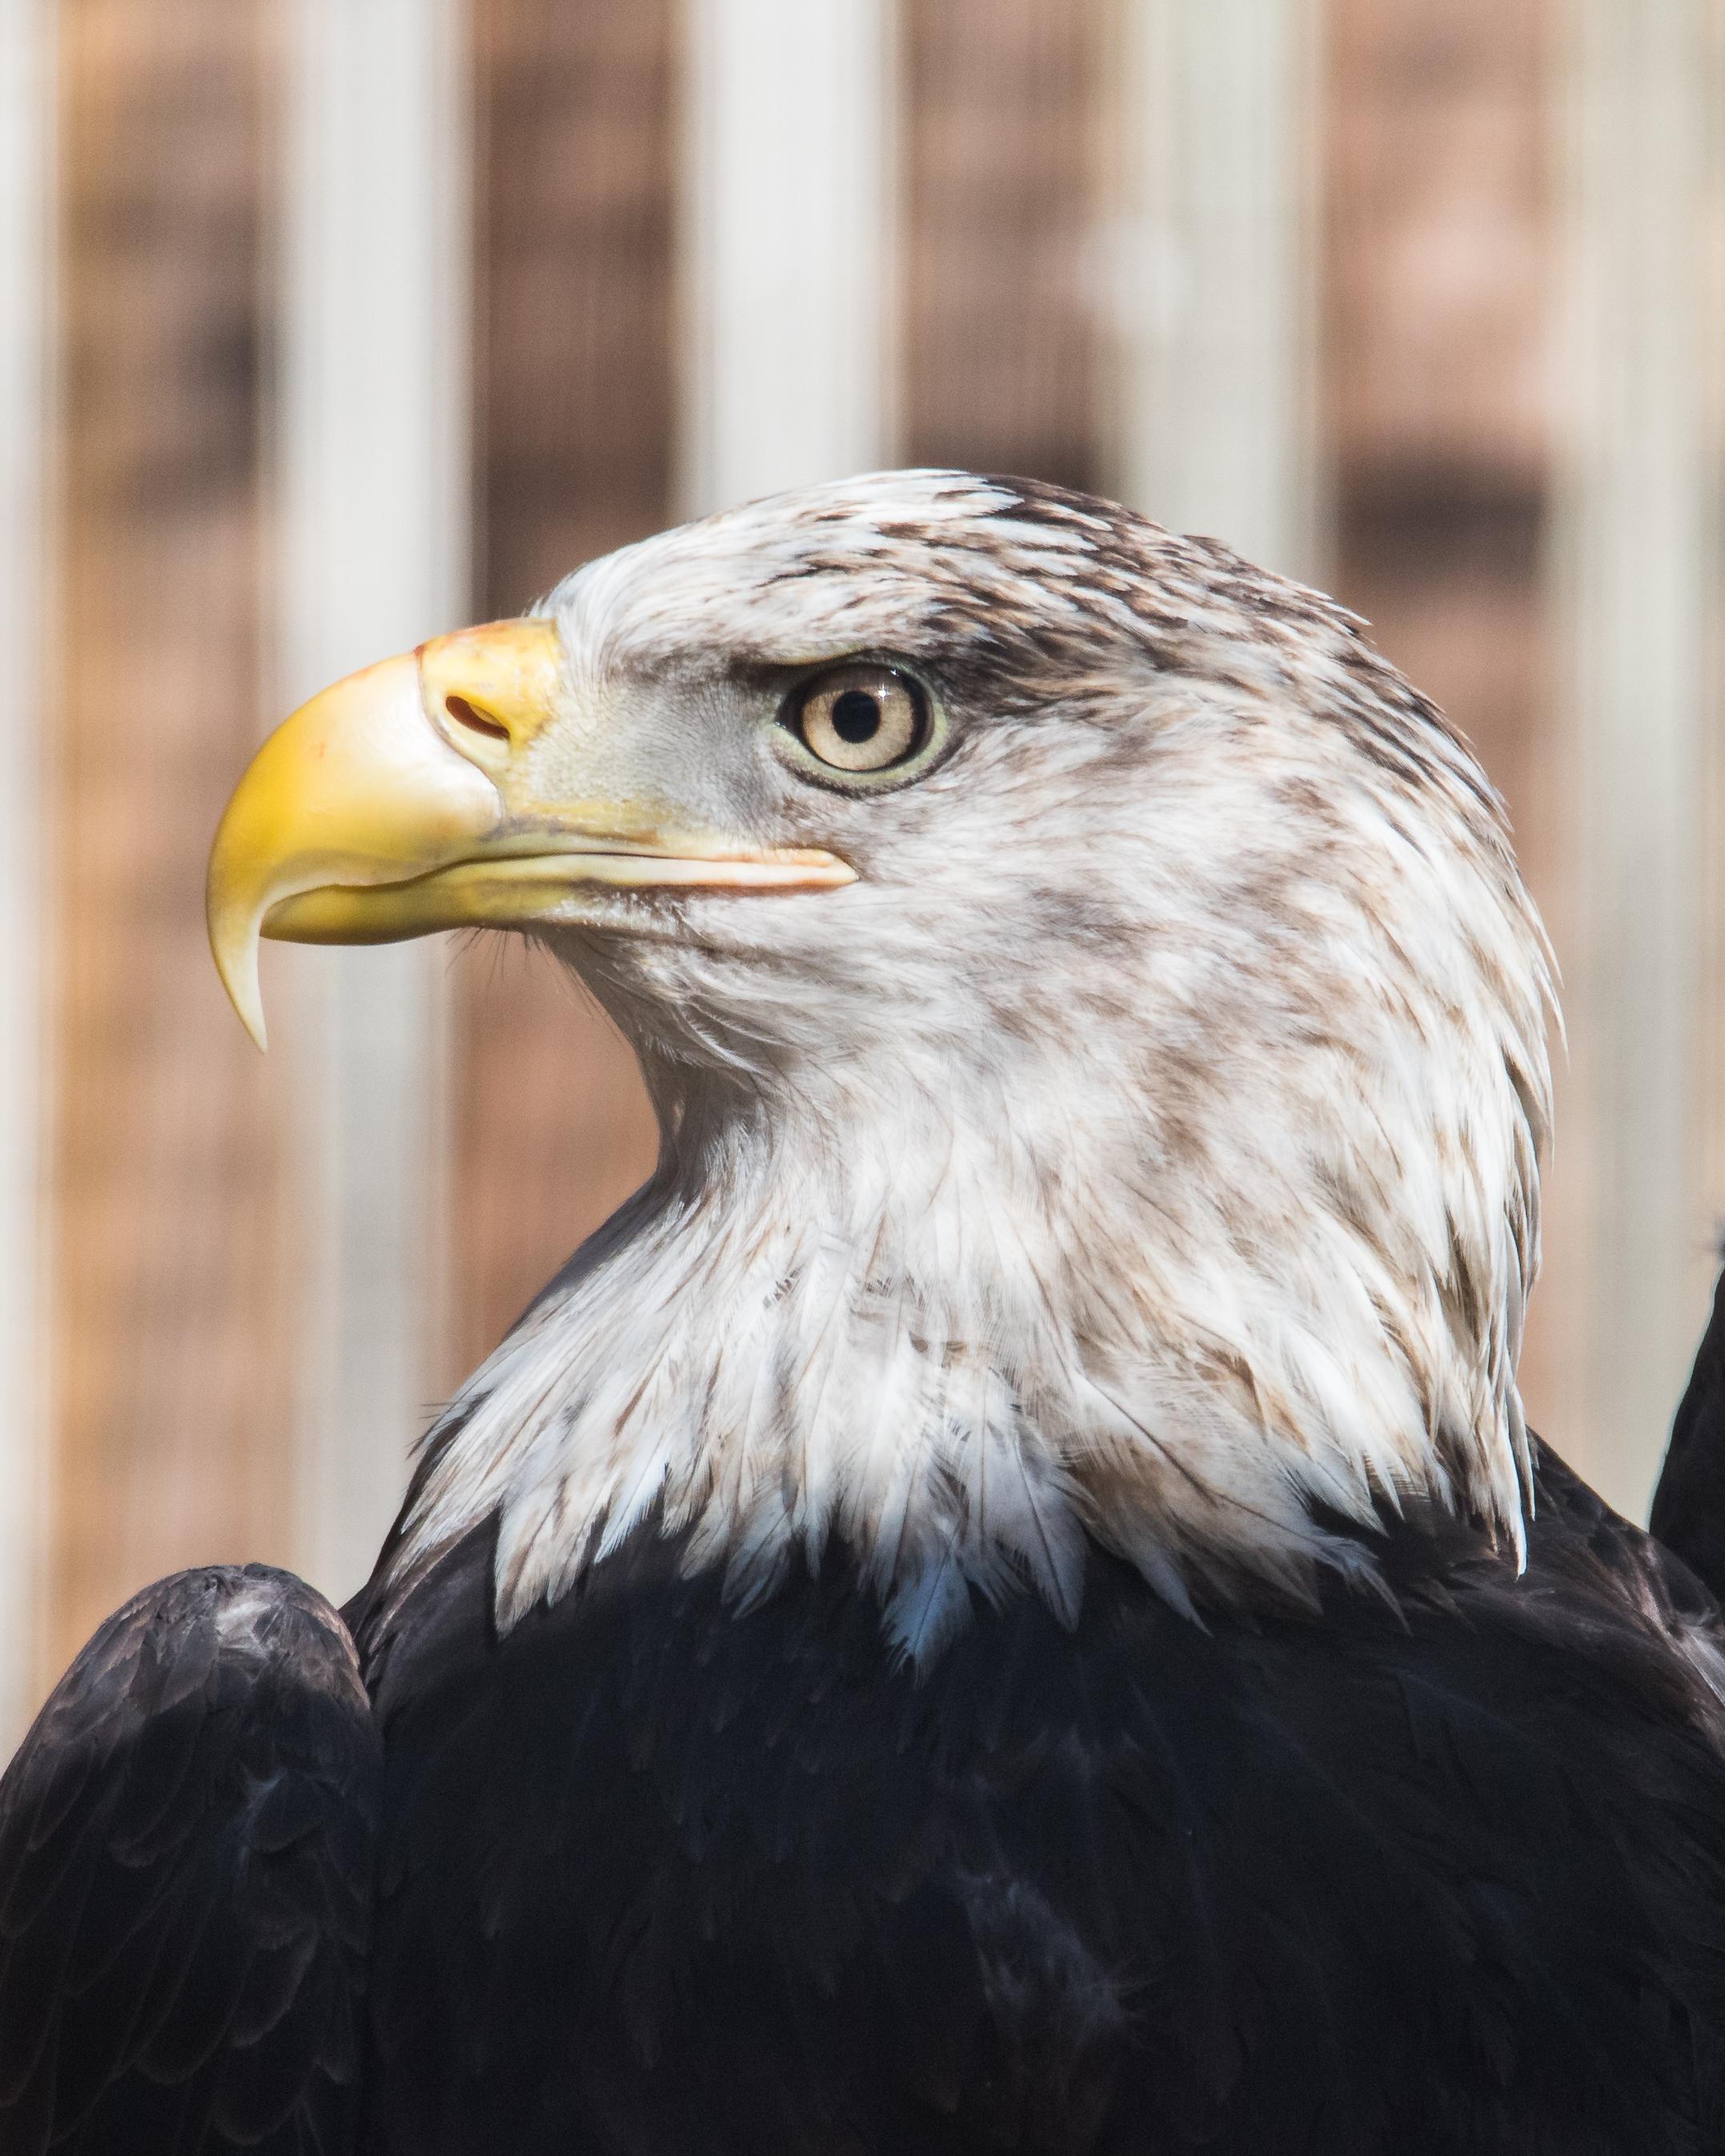 American Bald Eagle Nikon D750 ISO 1250 600mm f/8.0 1/1250 sec.